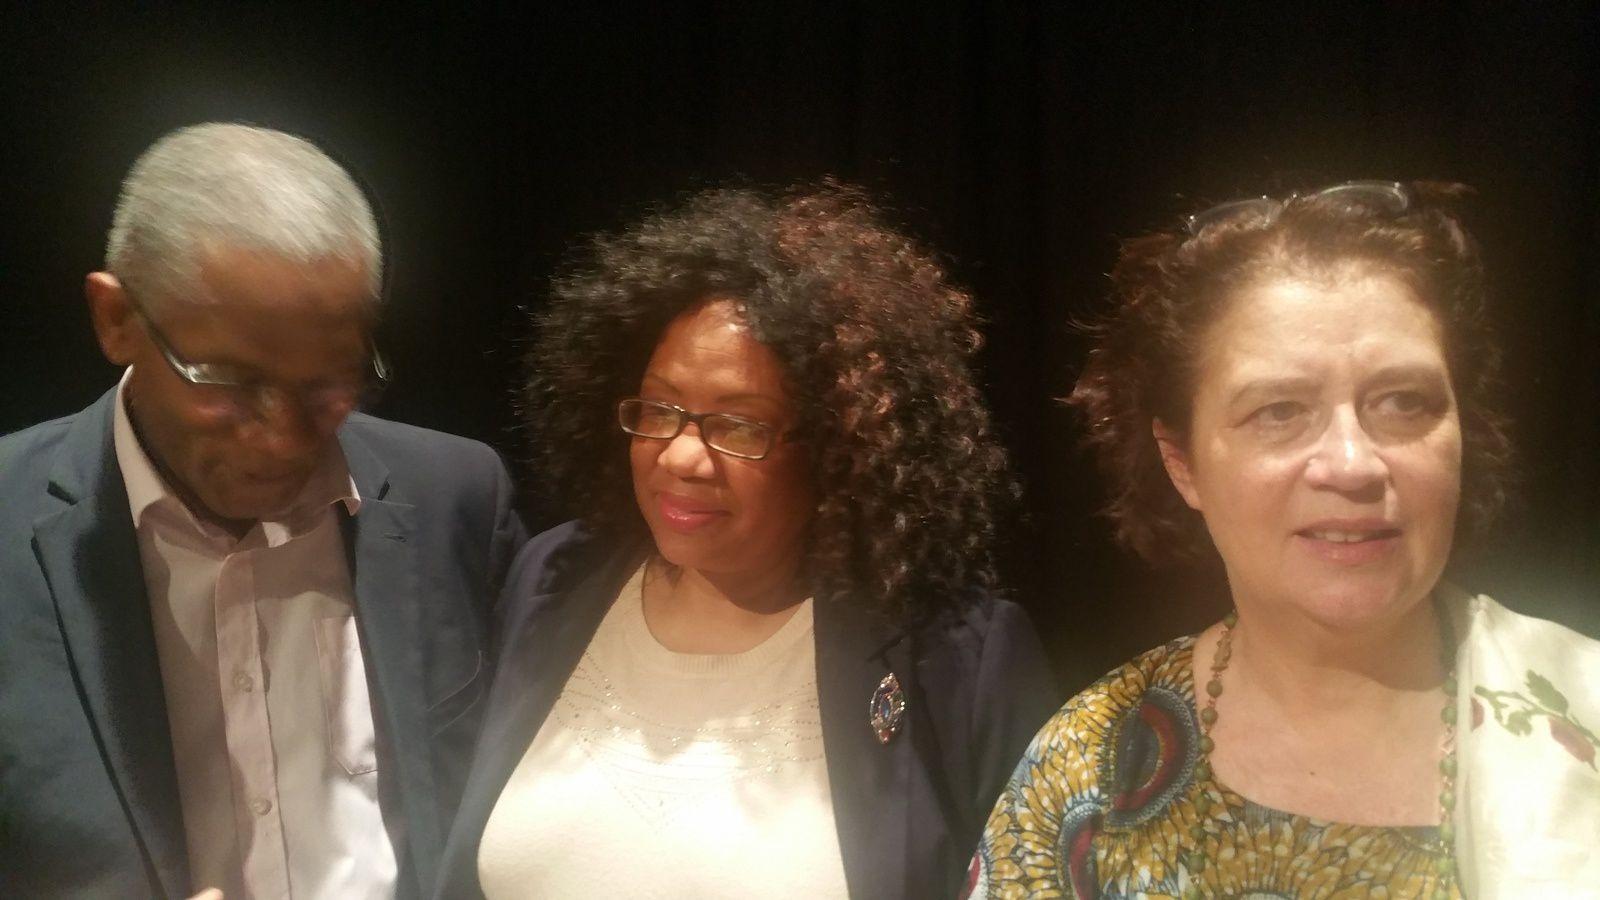 «Christiane TAUBIRA et sa loi du 21 mai 2001 reconnaissant l'esclavage et la traite négrière crimes contre l'humanité», par M. Amadou Bal BA, http://baamadou.over-blog.fr/